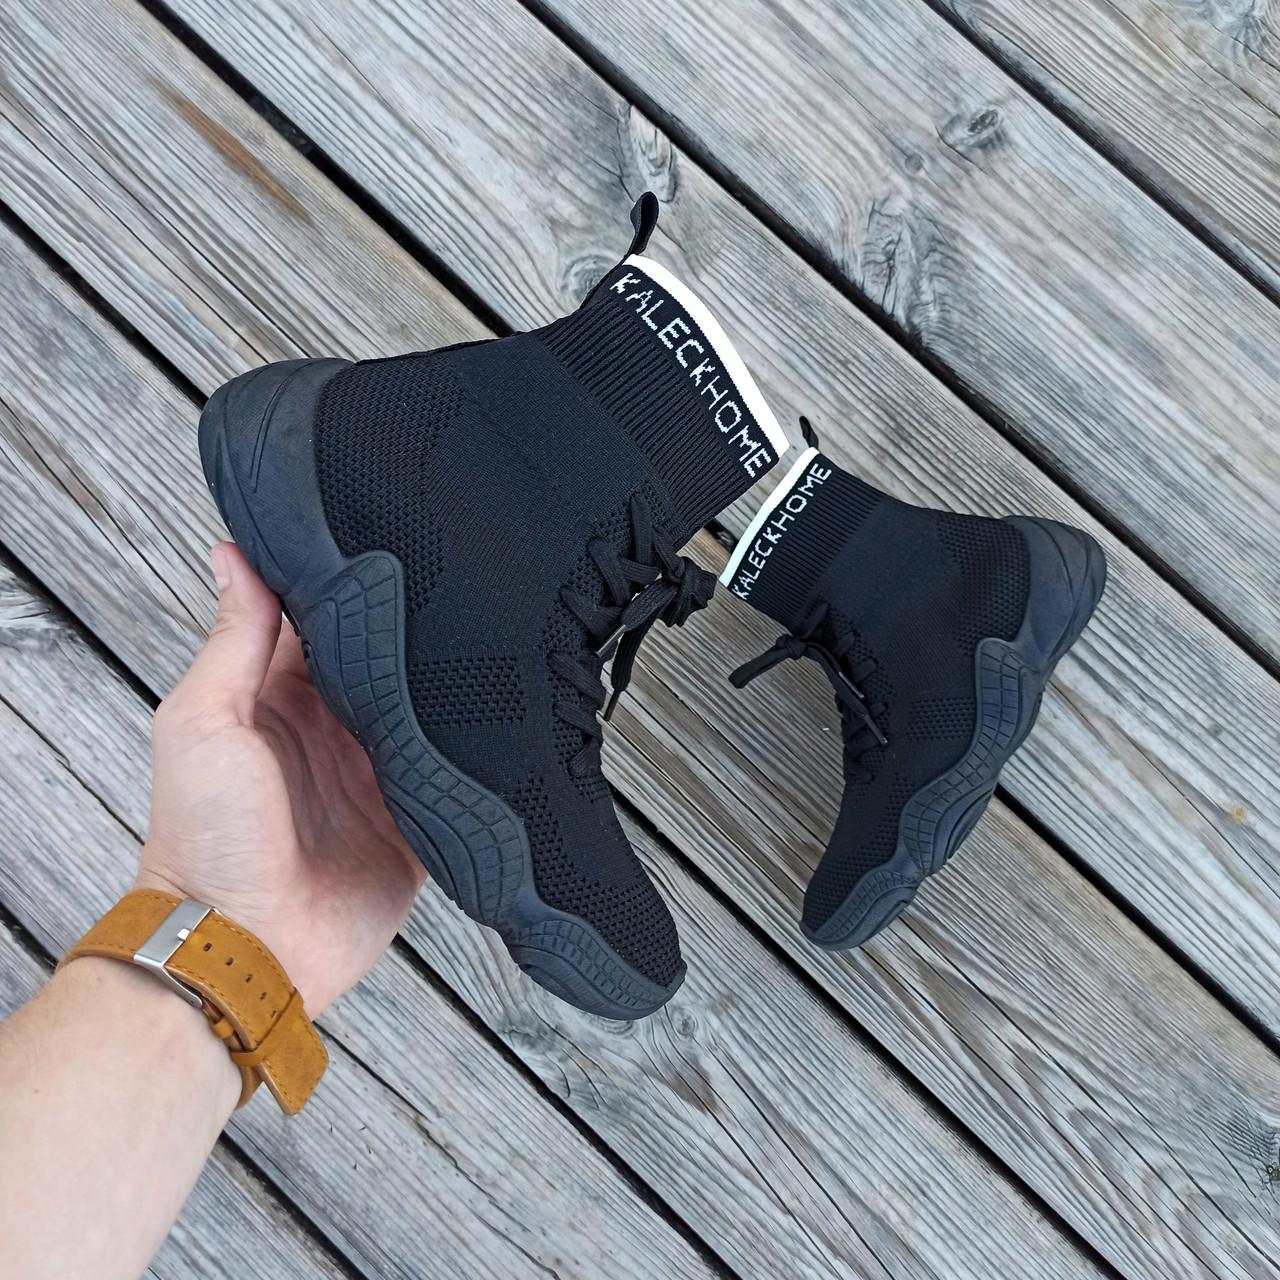 Черные Adidas Yeezy 500 текстиль |КОПИЯ| женские кроссовки адидас изи 500 \ размеры: 36-41